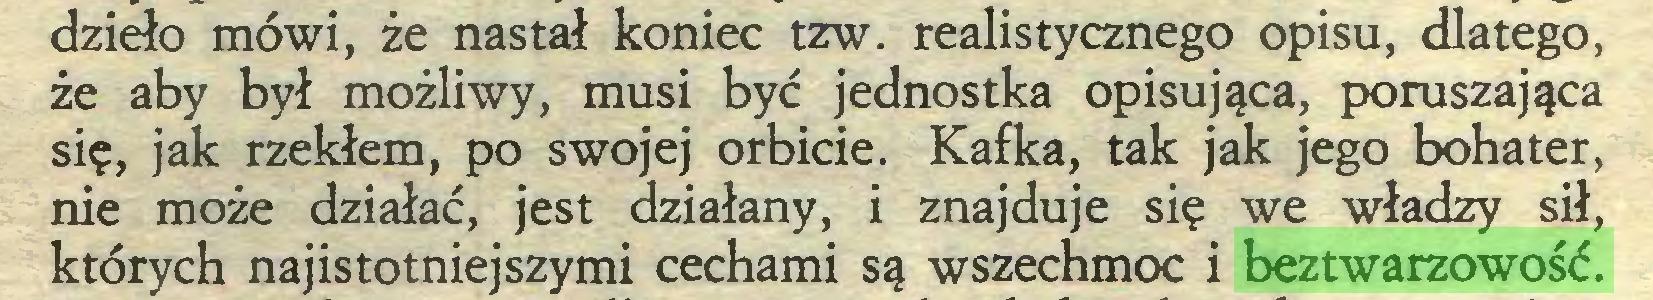 (...) dzieło mówi, że nastał koniec tzw. realistycznego opisu, dlatego, że aby był możliwy, musi być jednostka opisująca, poruszająca się, jak rzekłem, po swojej orbicie. Kafka, tak jak jego bohater, nie może działać, jest działany, i znajduje się we władzy sił, których najistotniejszymi cechami są wszechmoc i beztwarzowość...